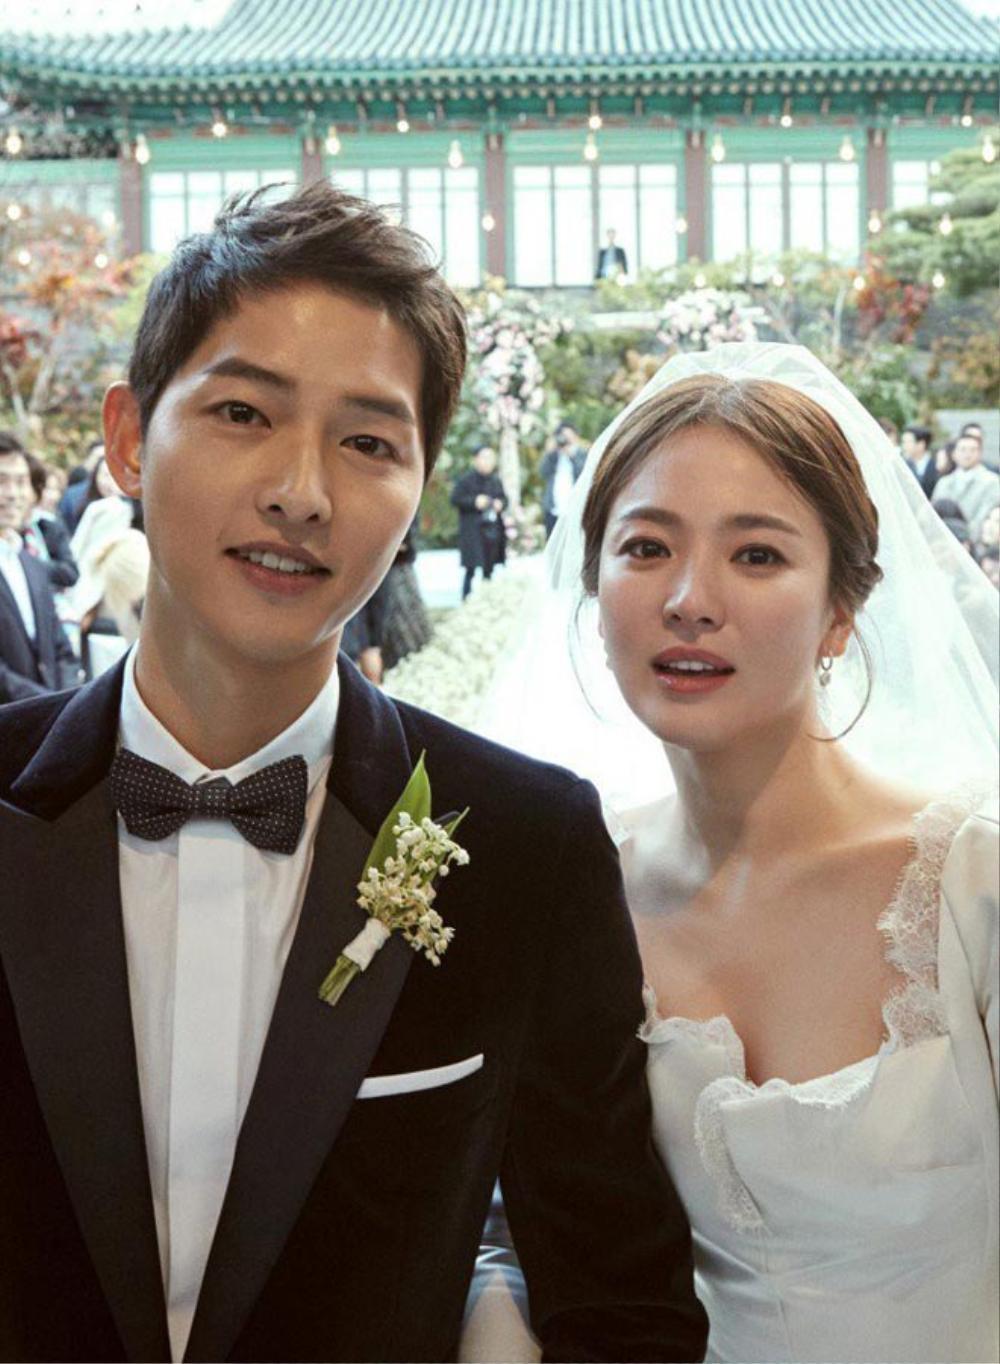 Goo Hye Sun - Ahn Jae Hyun hoàn tất ly hôn trên tòa: Tuyên bố hỗ trợ cho tương lai của nhau! Ảnh 2